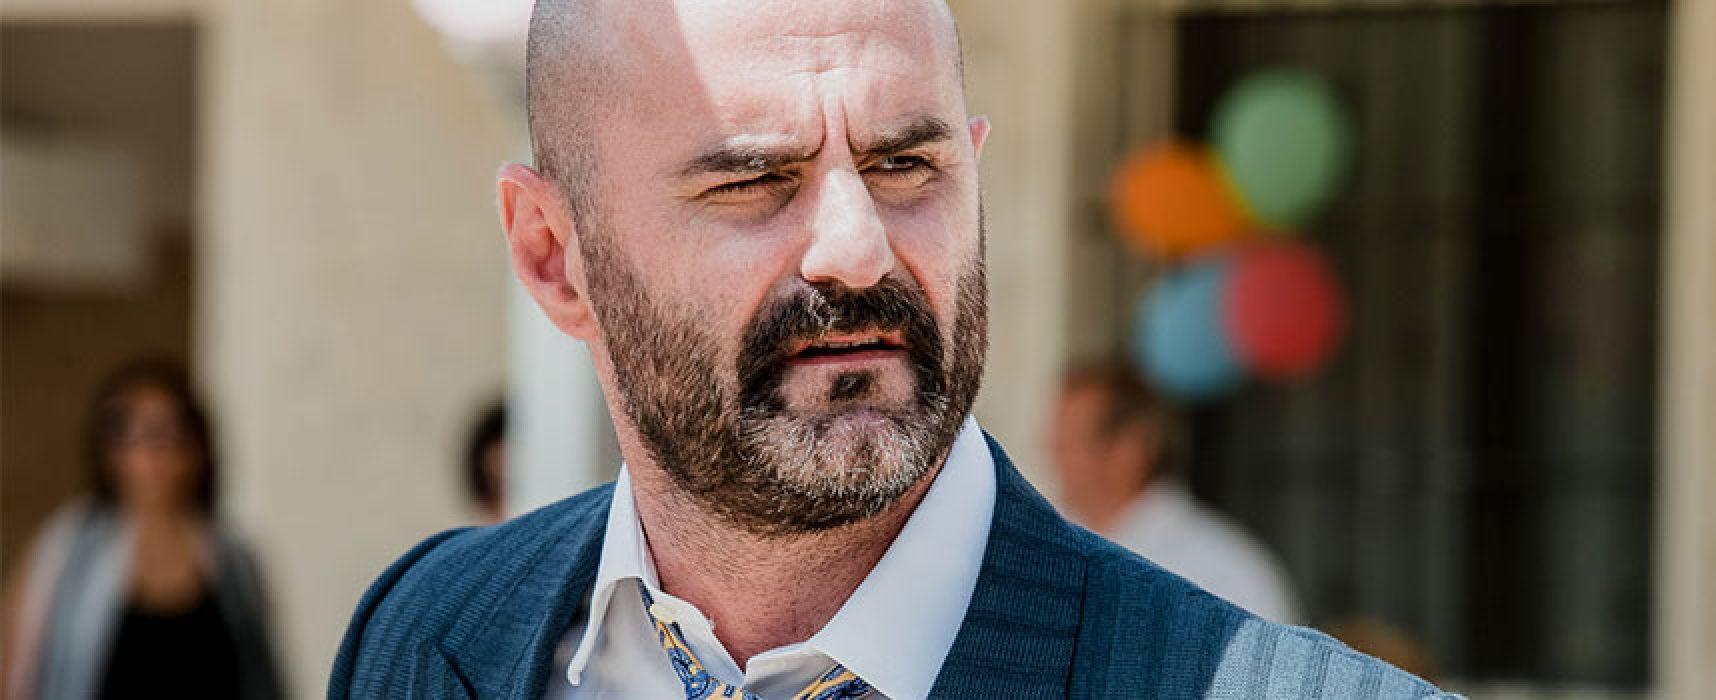 Oggi anteprima nazionale del film Maree con l'attore biscegliese Fabio Salerno